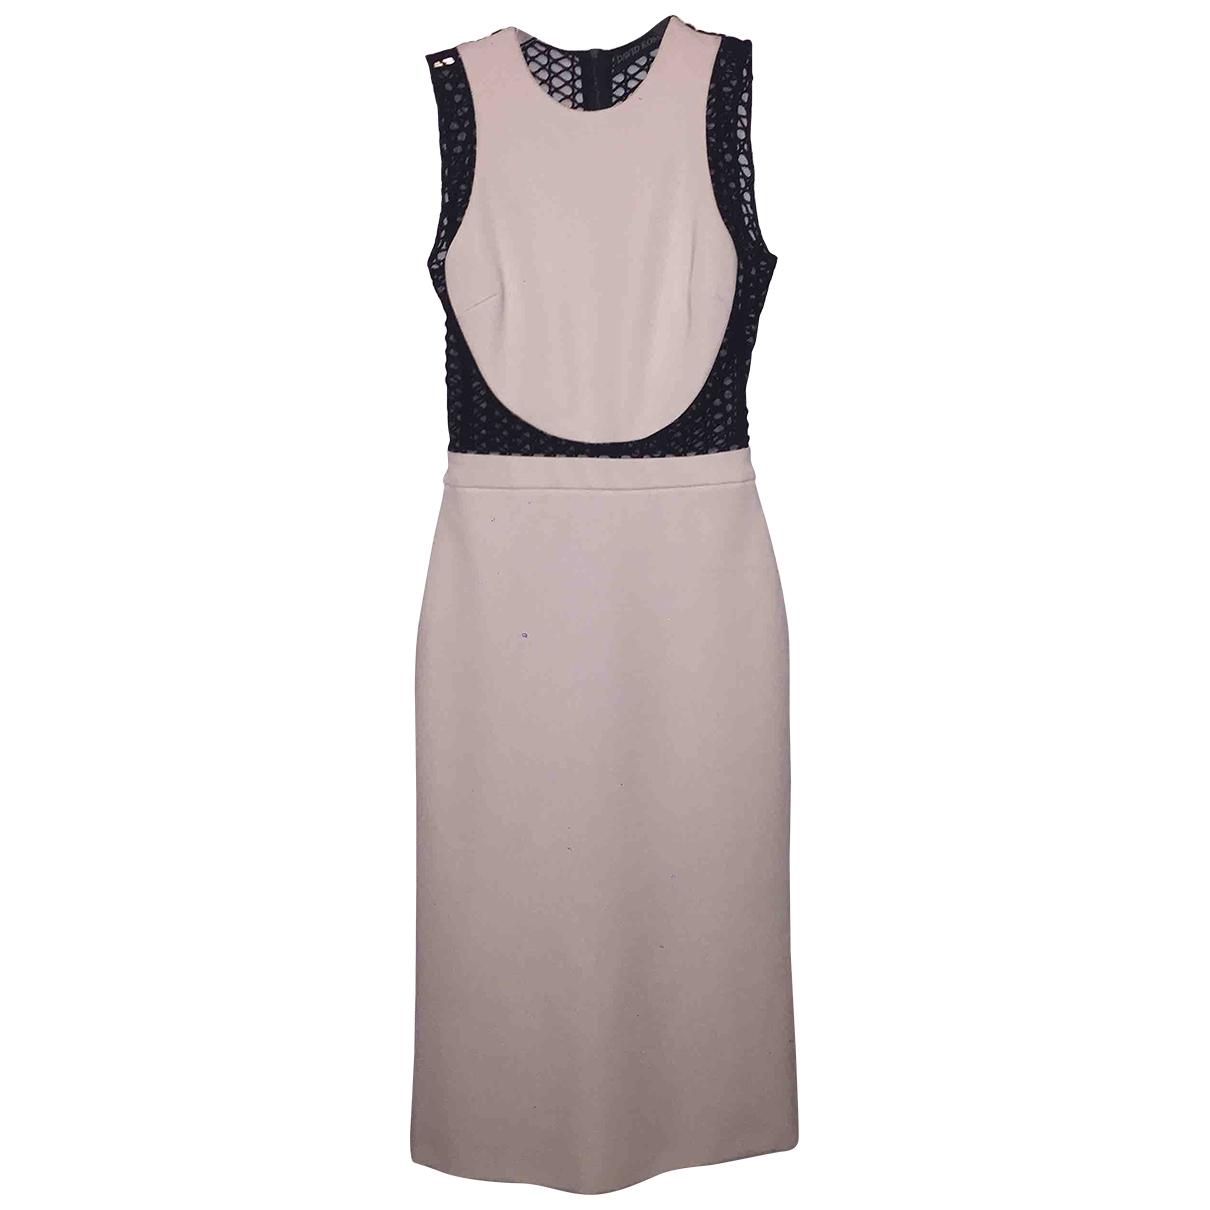 David Koma \N White Cotton - elasthane dress for Women 8 UK